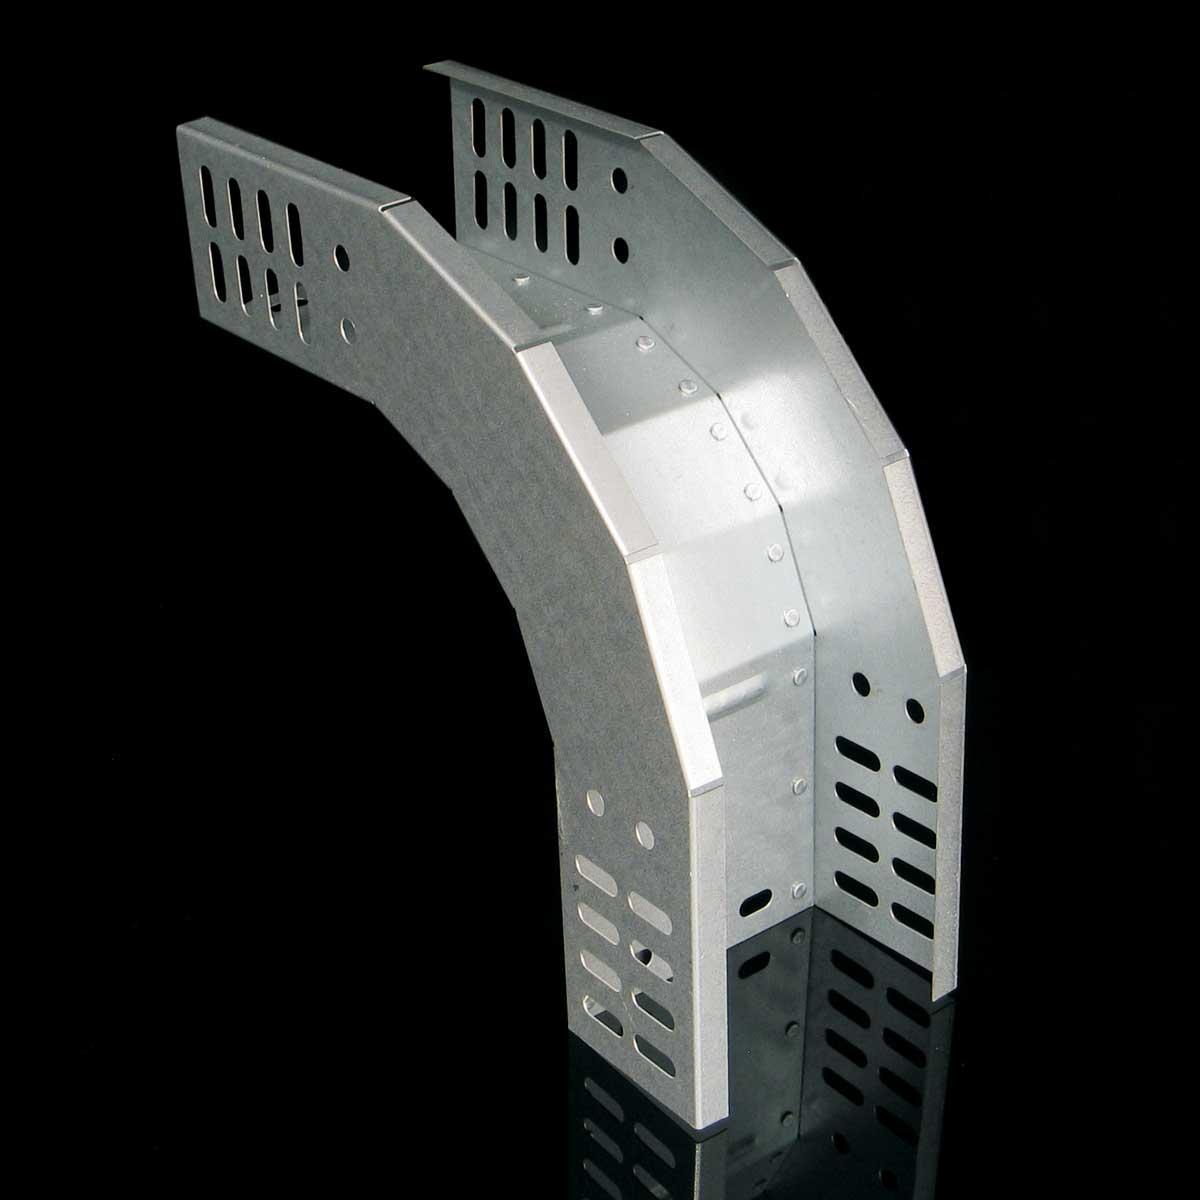 Поворот вертикальний зовнішній 90 для лотка JUPITER; розміри-85x600x270mm Товщ. метал-1,2 Вага-2,33кг/м